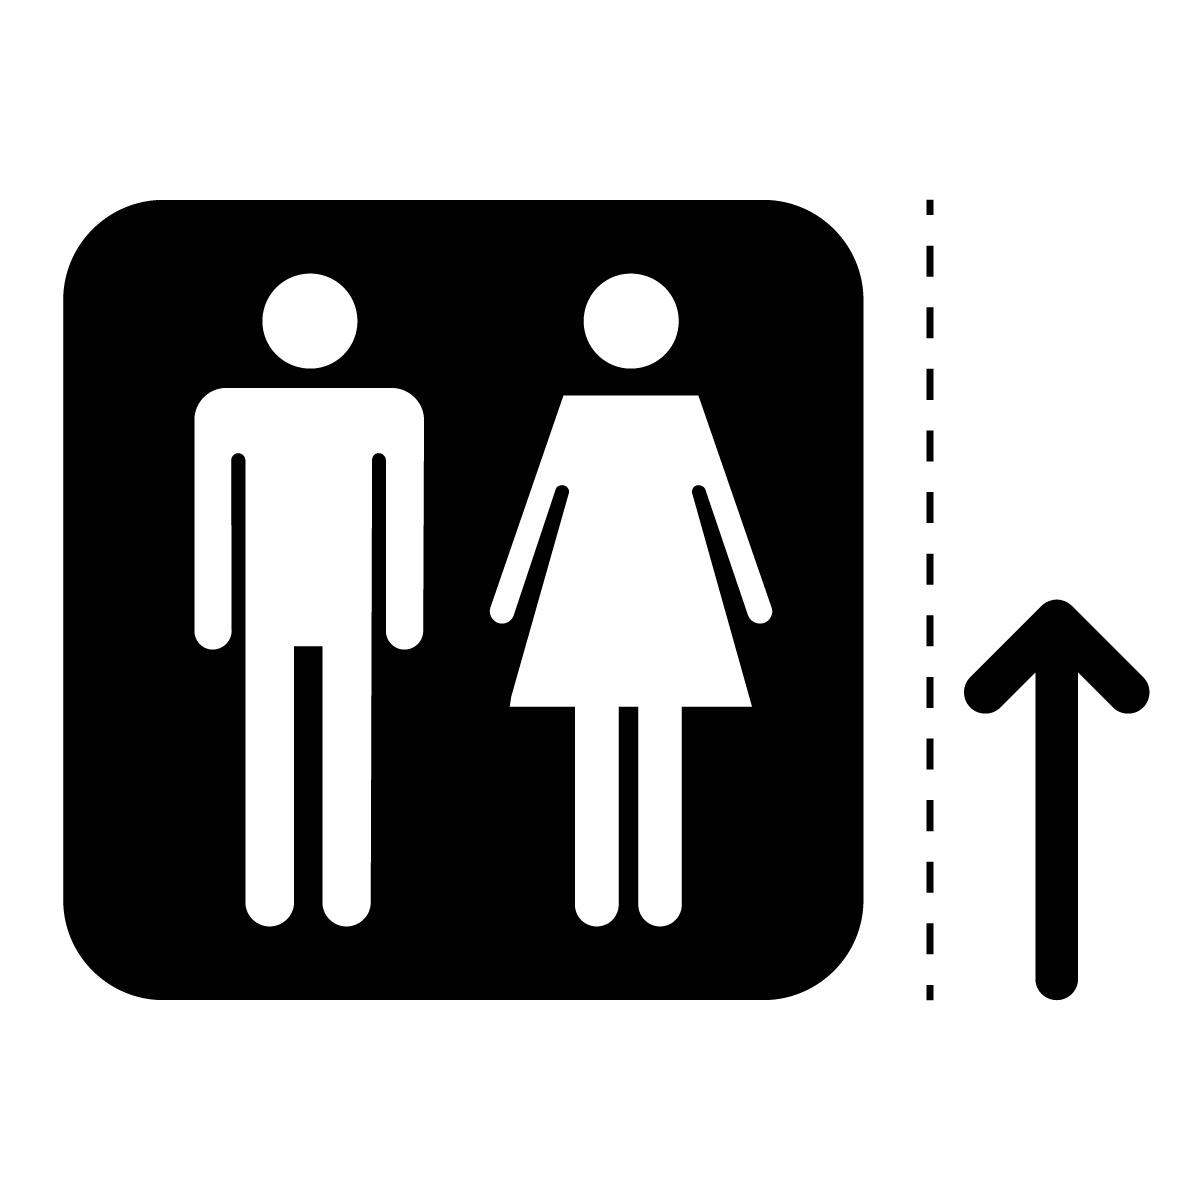 黒色の男女トイレ案内マーク(矢印付き)のカッティングステッカー・シール